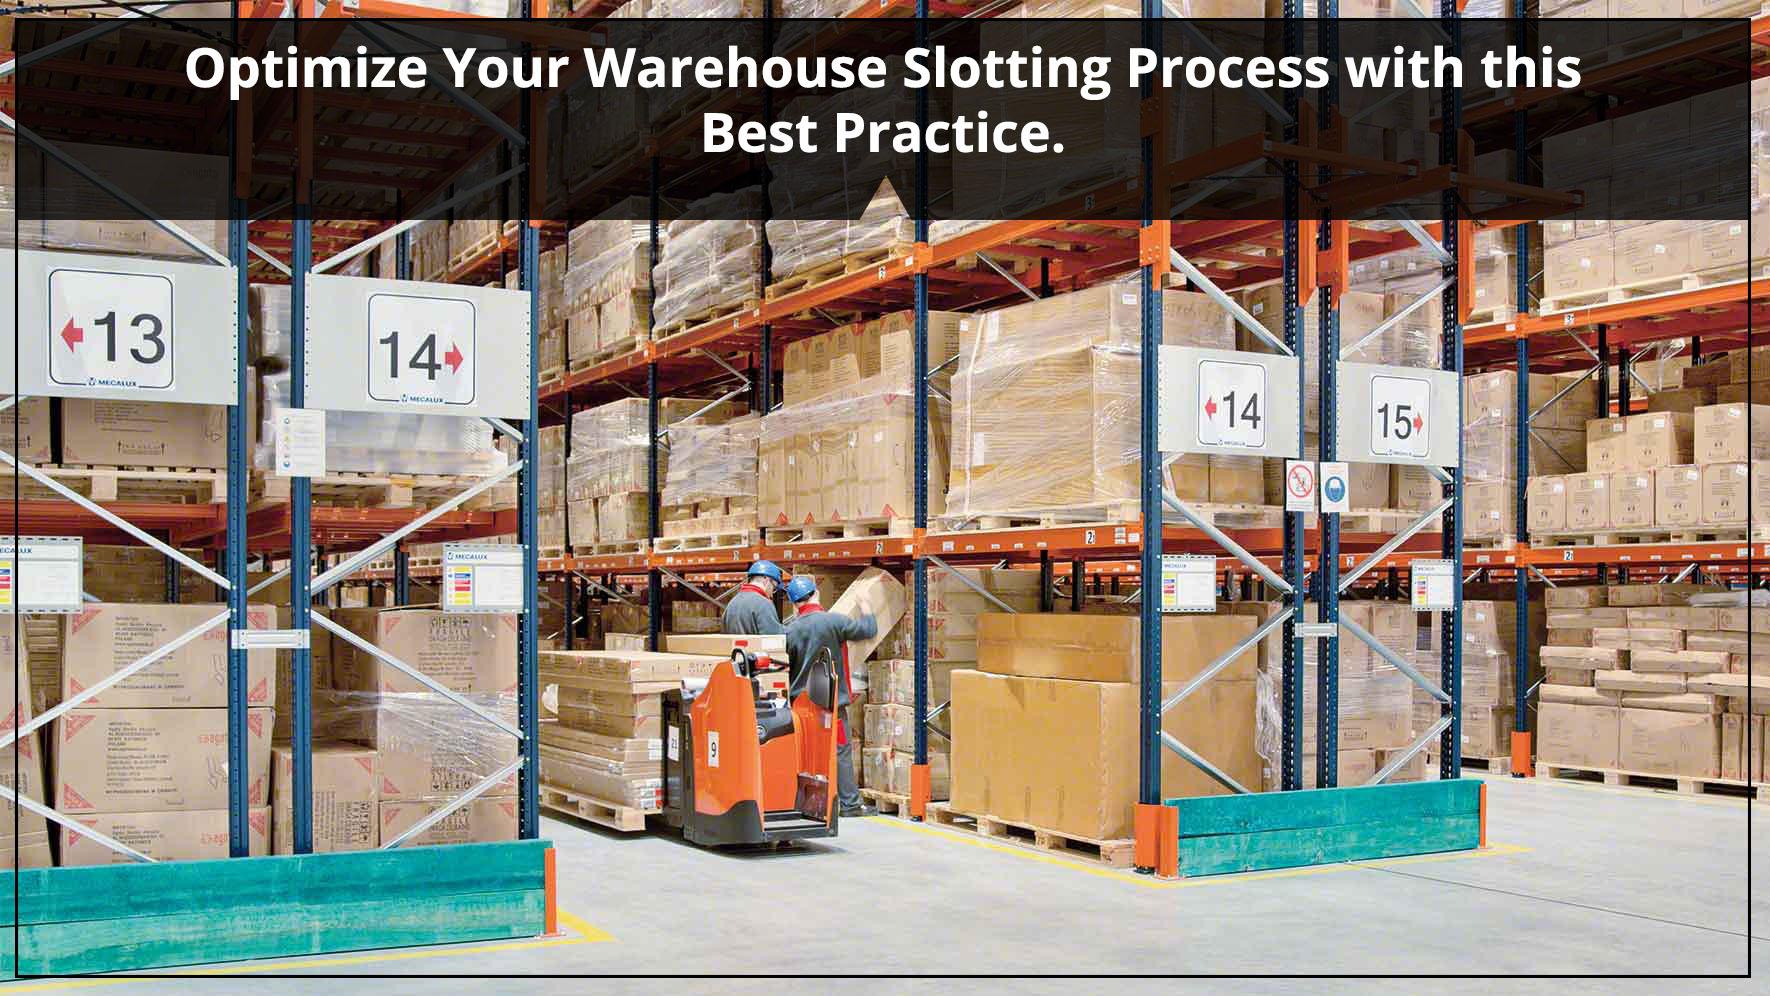 warehouse-slotting-optimization